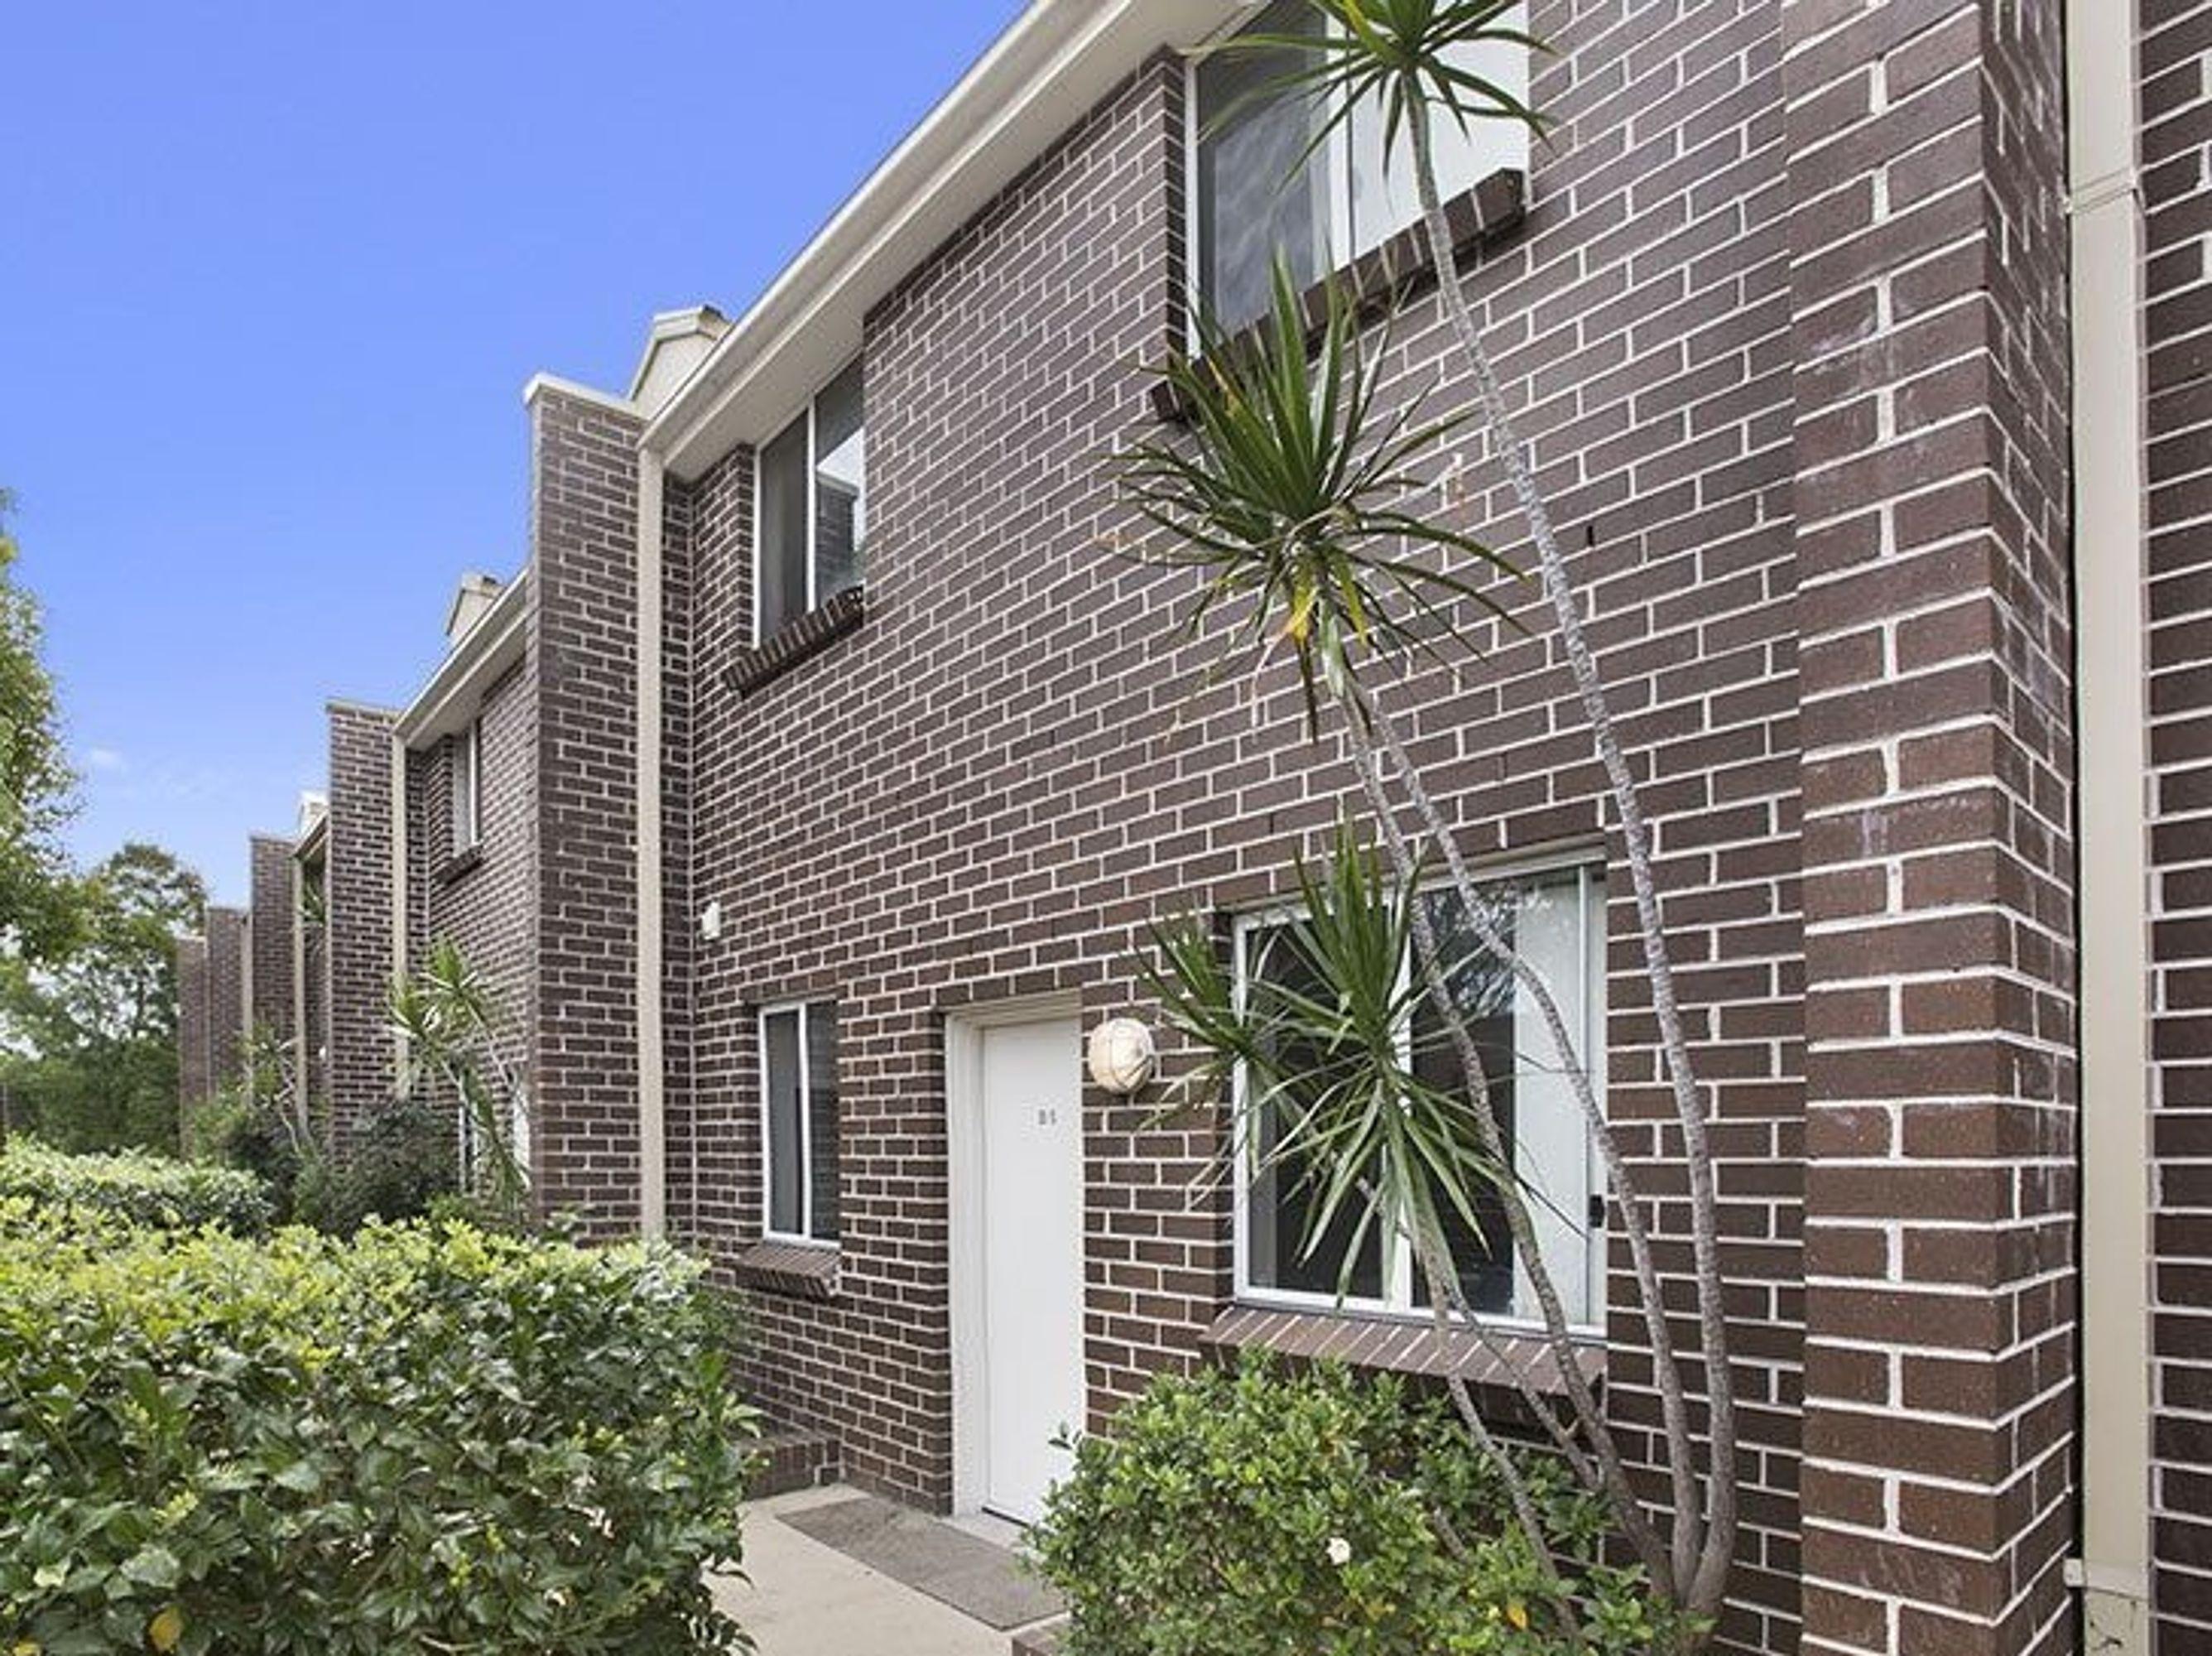 B5/414-420 Victoria Road, Rydalmere, NSW 2116